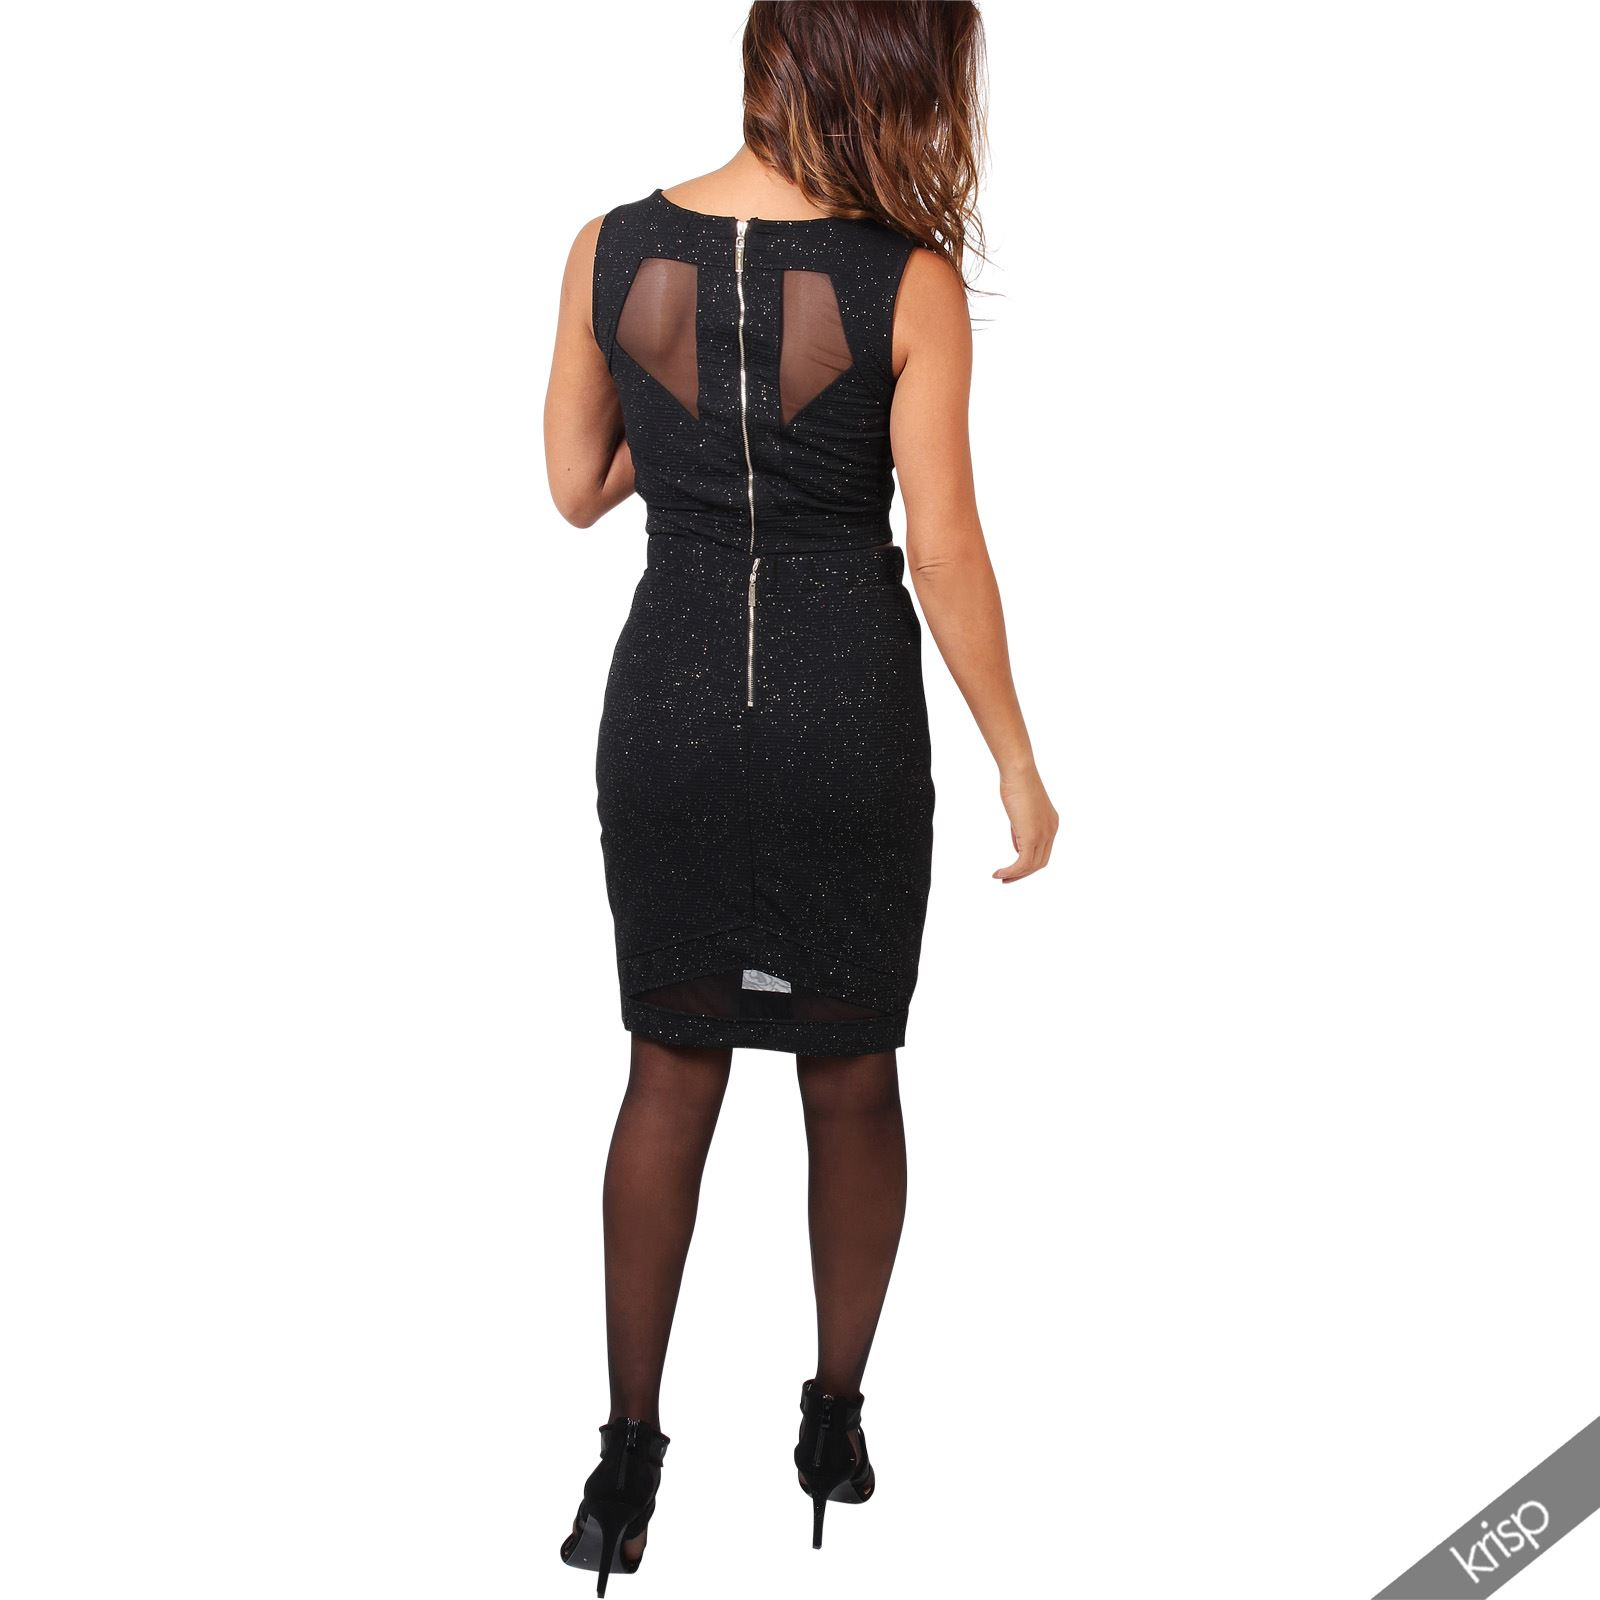 femme robe de soir e longue 2 pi ces haut jupe paillet e. Black Bedroom Furniture Sets. Home Design Ideas